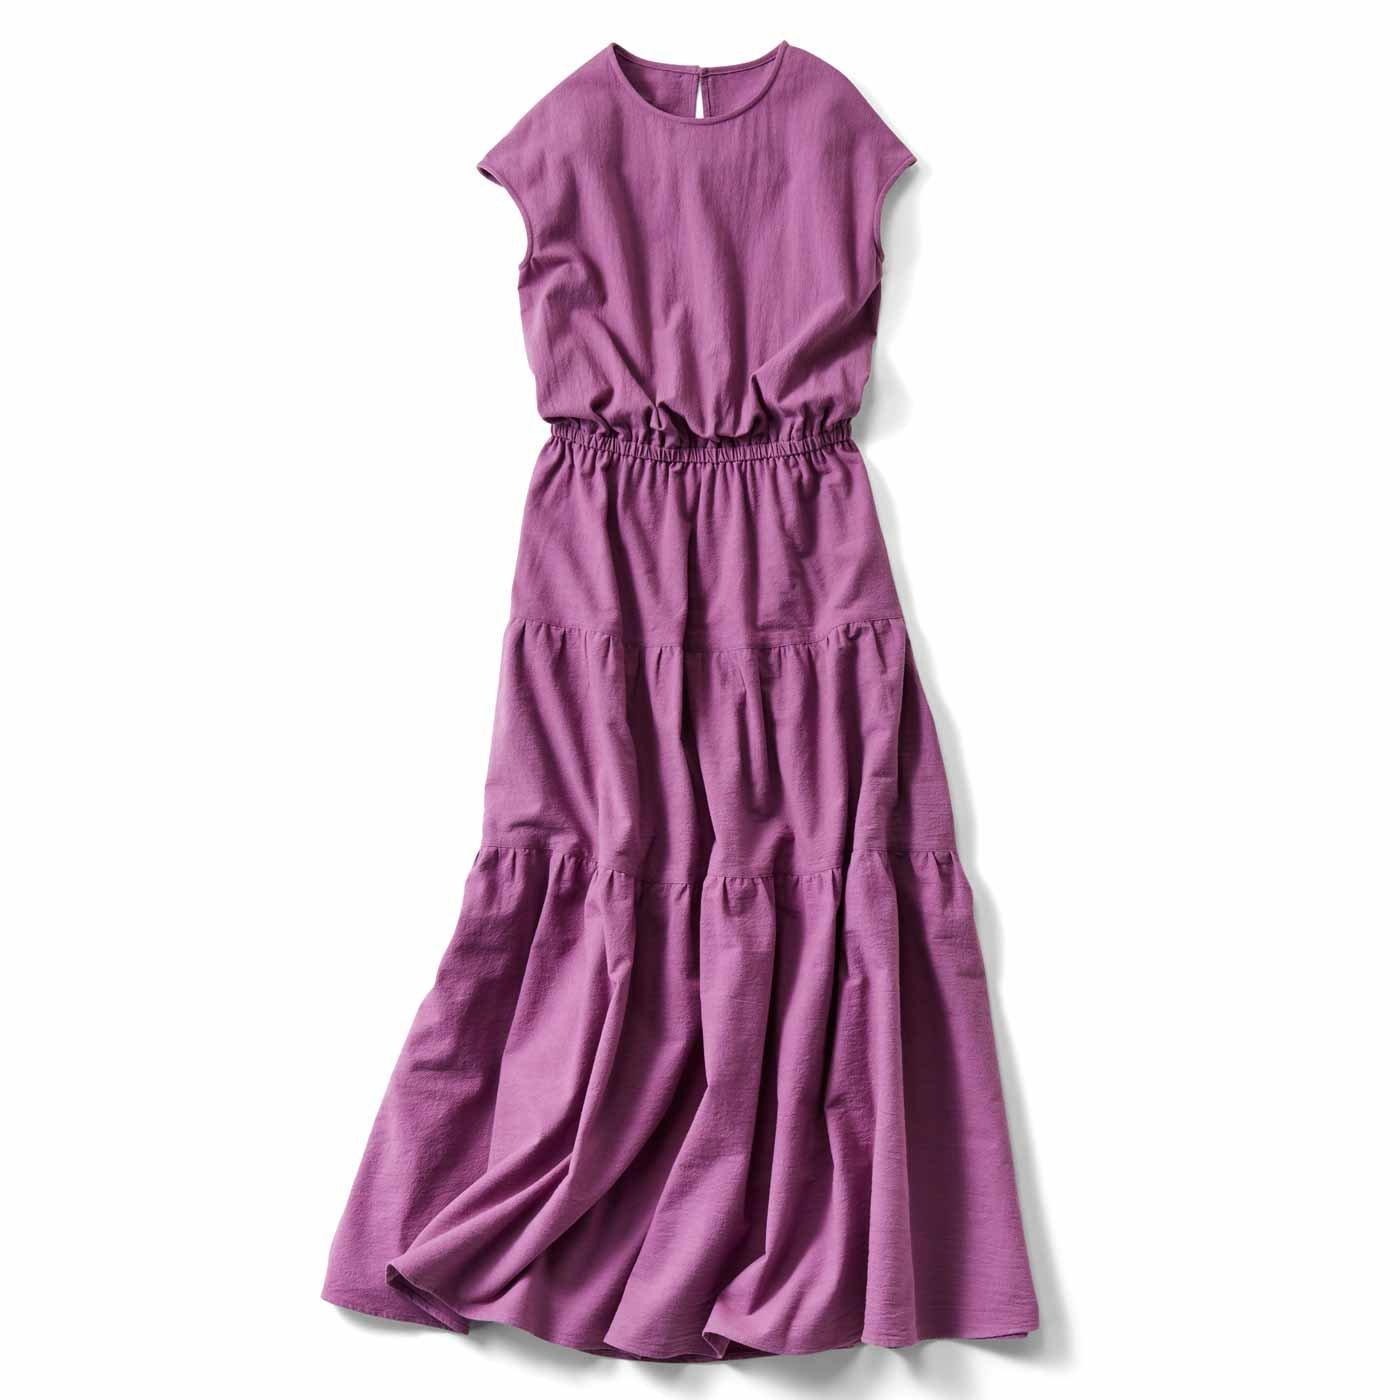 【3~10日でお届け】IEDIT[イディット] ティアードデザインの大人サマードレス〈ピンクパープル〉